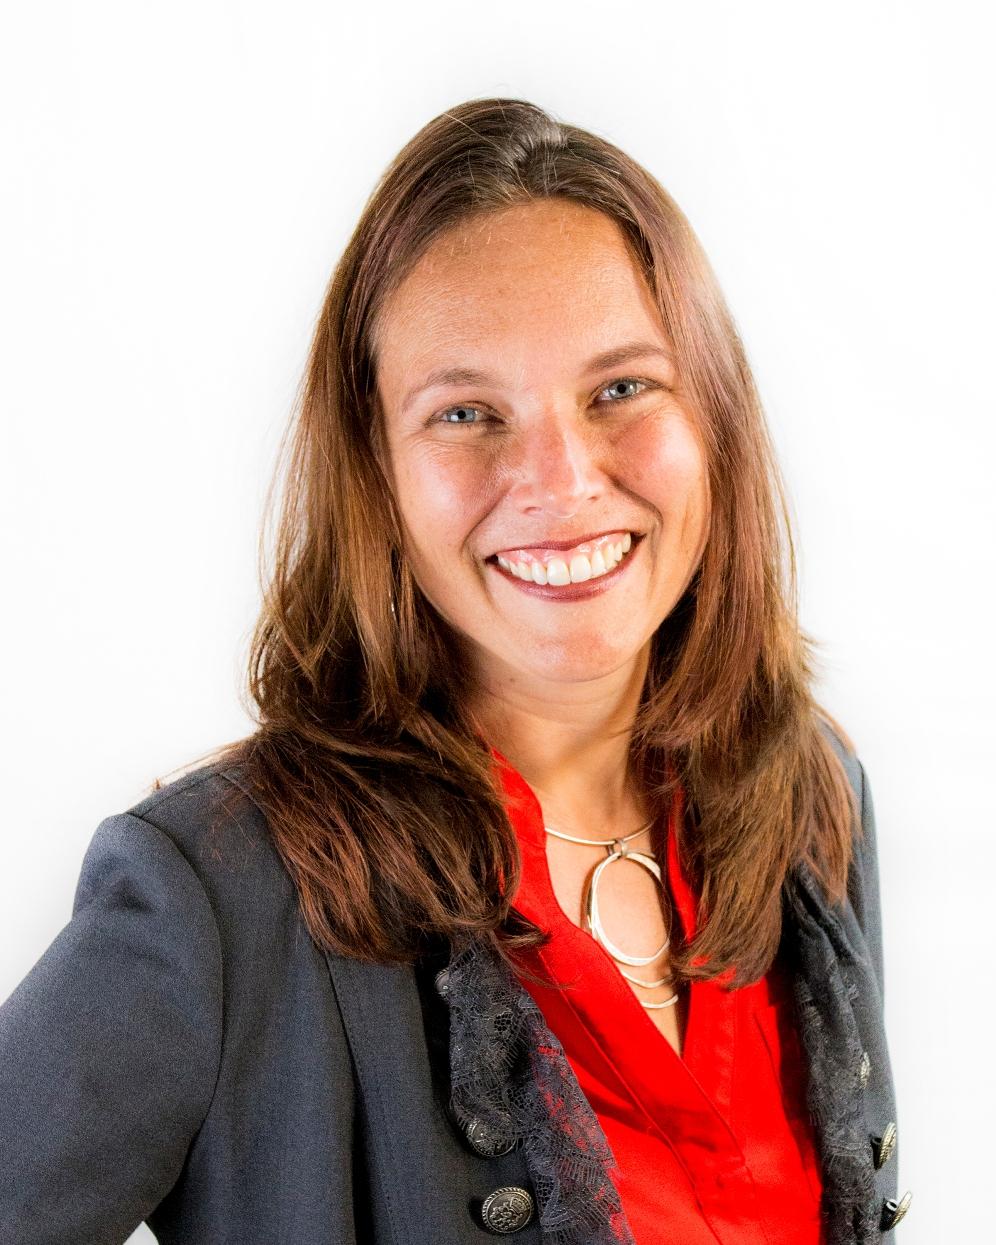 Melissa Kelii headshot